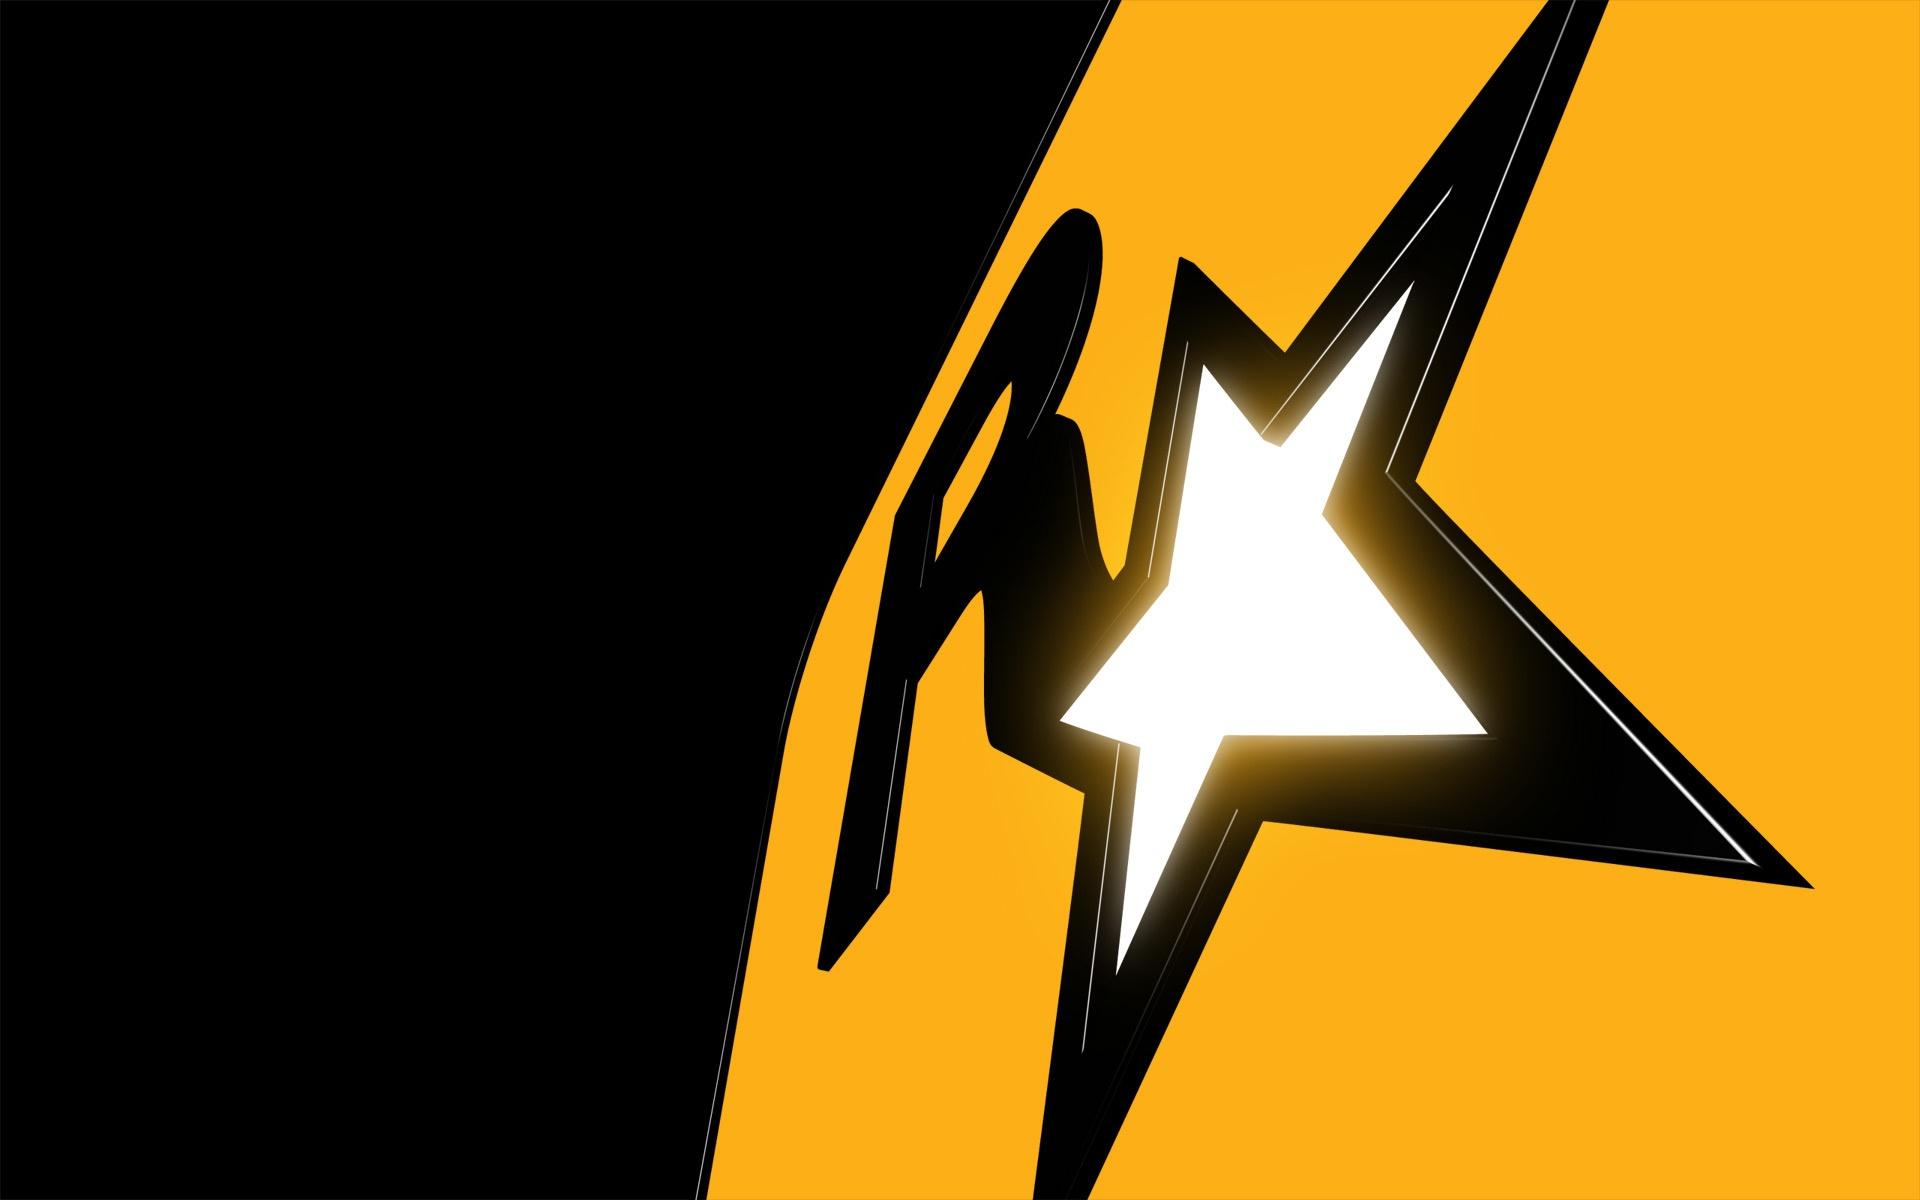 Rockstar Games ищет работников с опытом создания стелс игр с «асимметричным кооперативом»